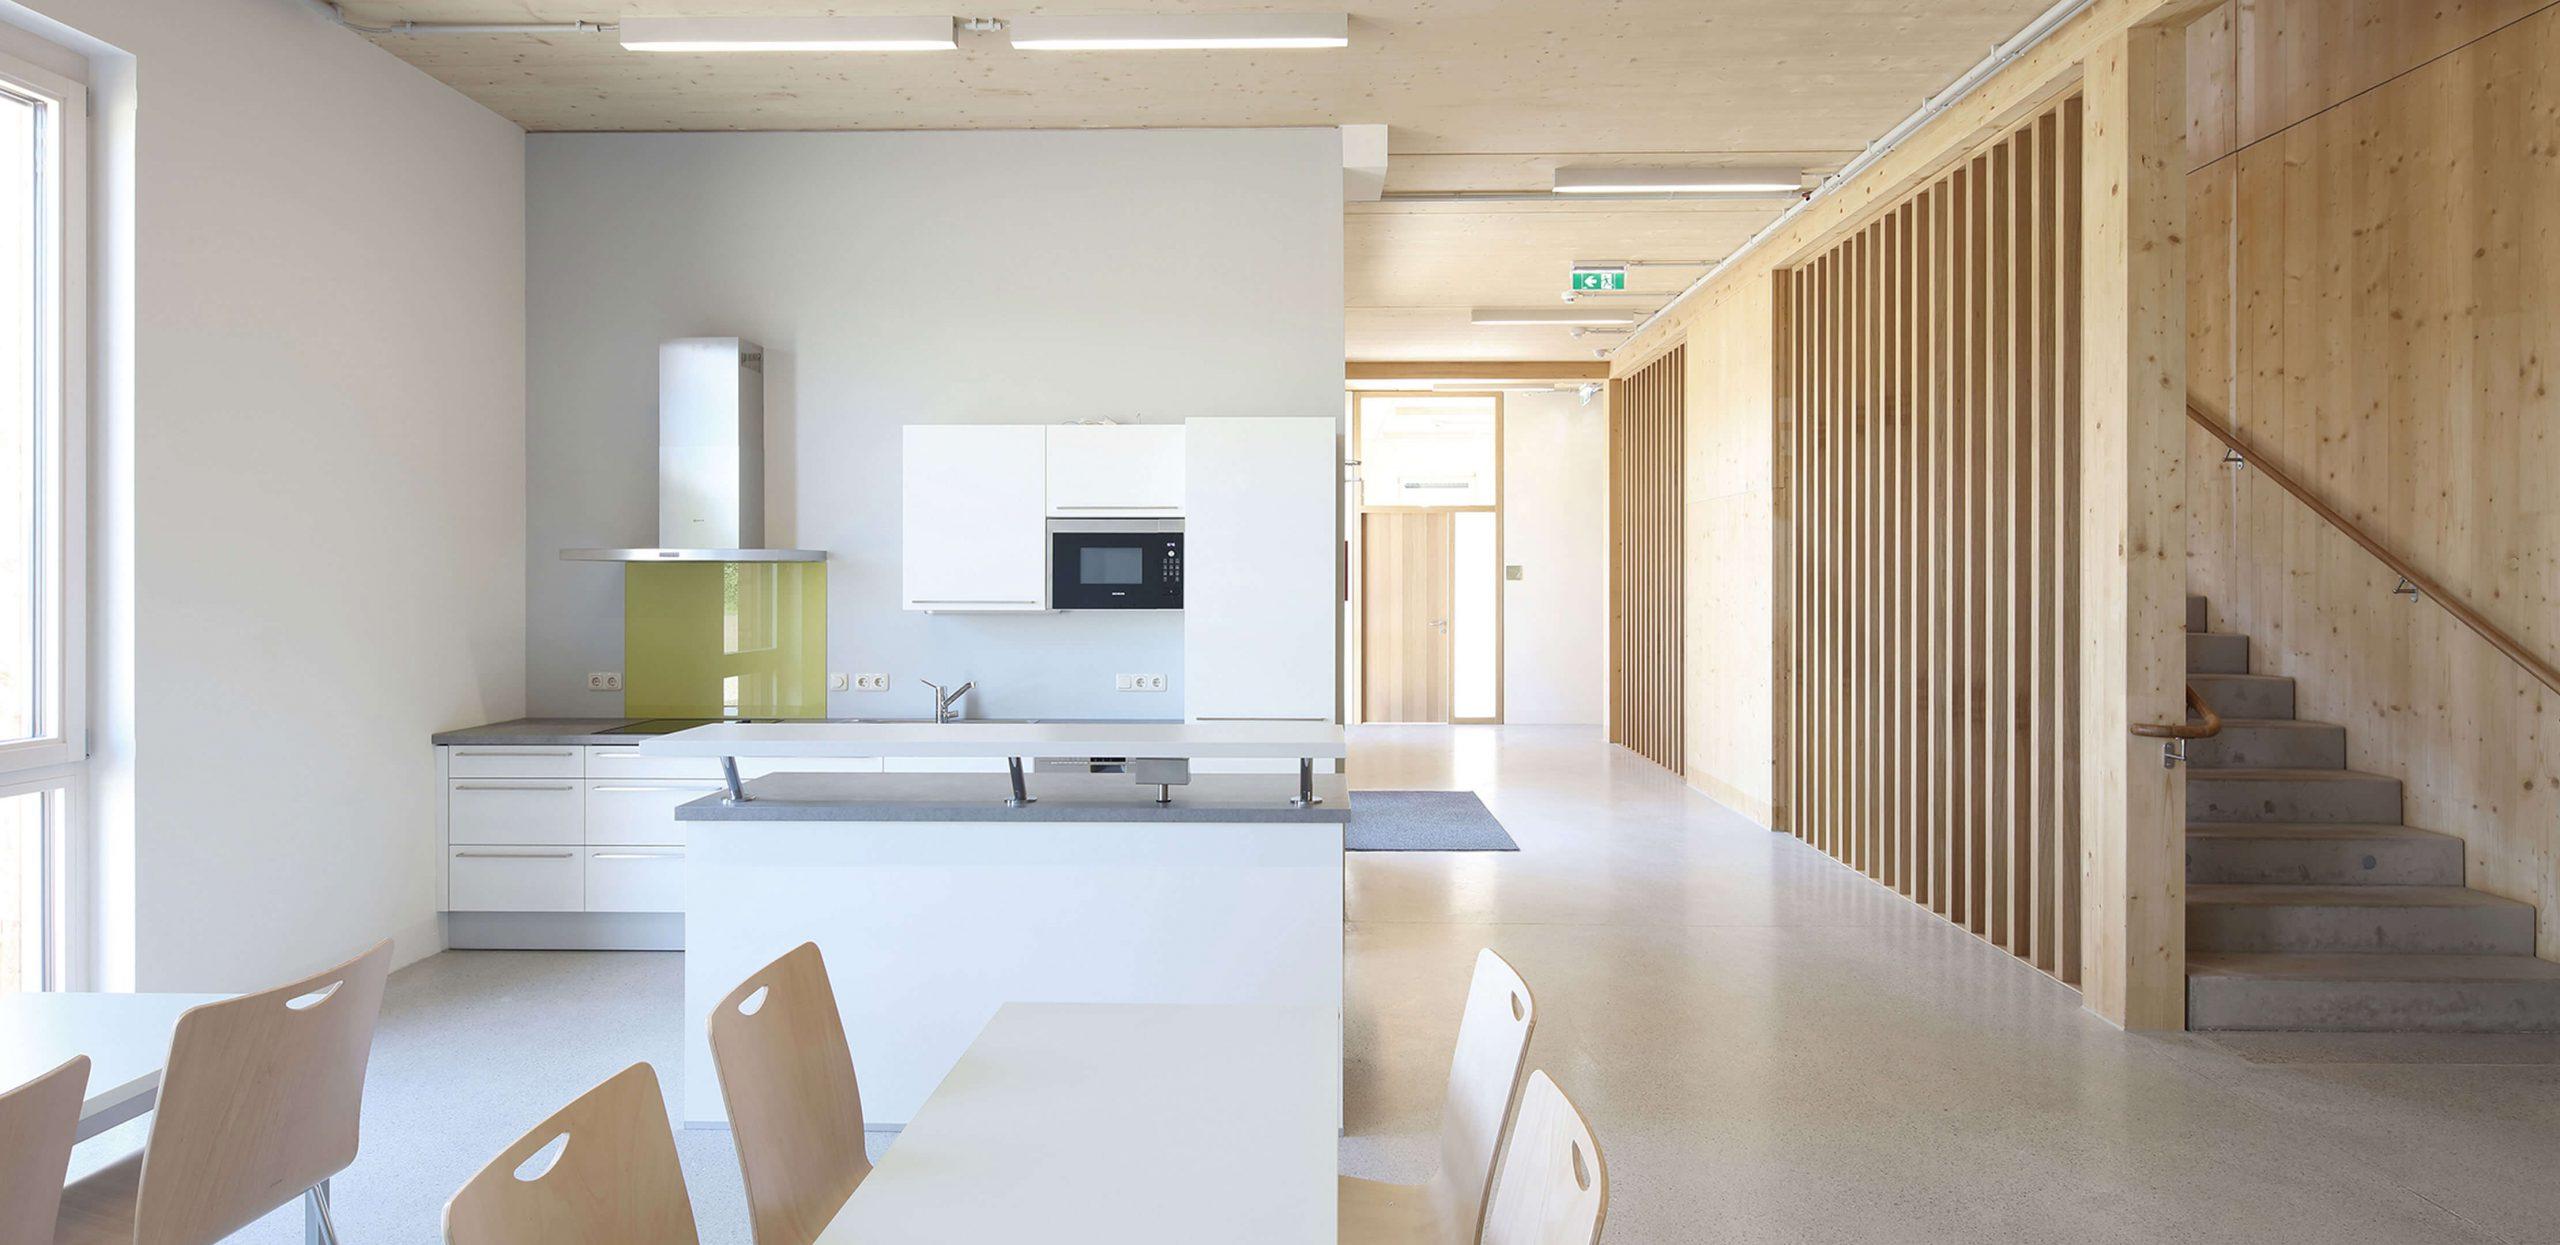 Společenské prostory v laboratorní a kancelářské budově IFA, Tulln